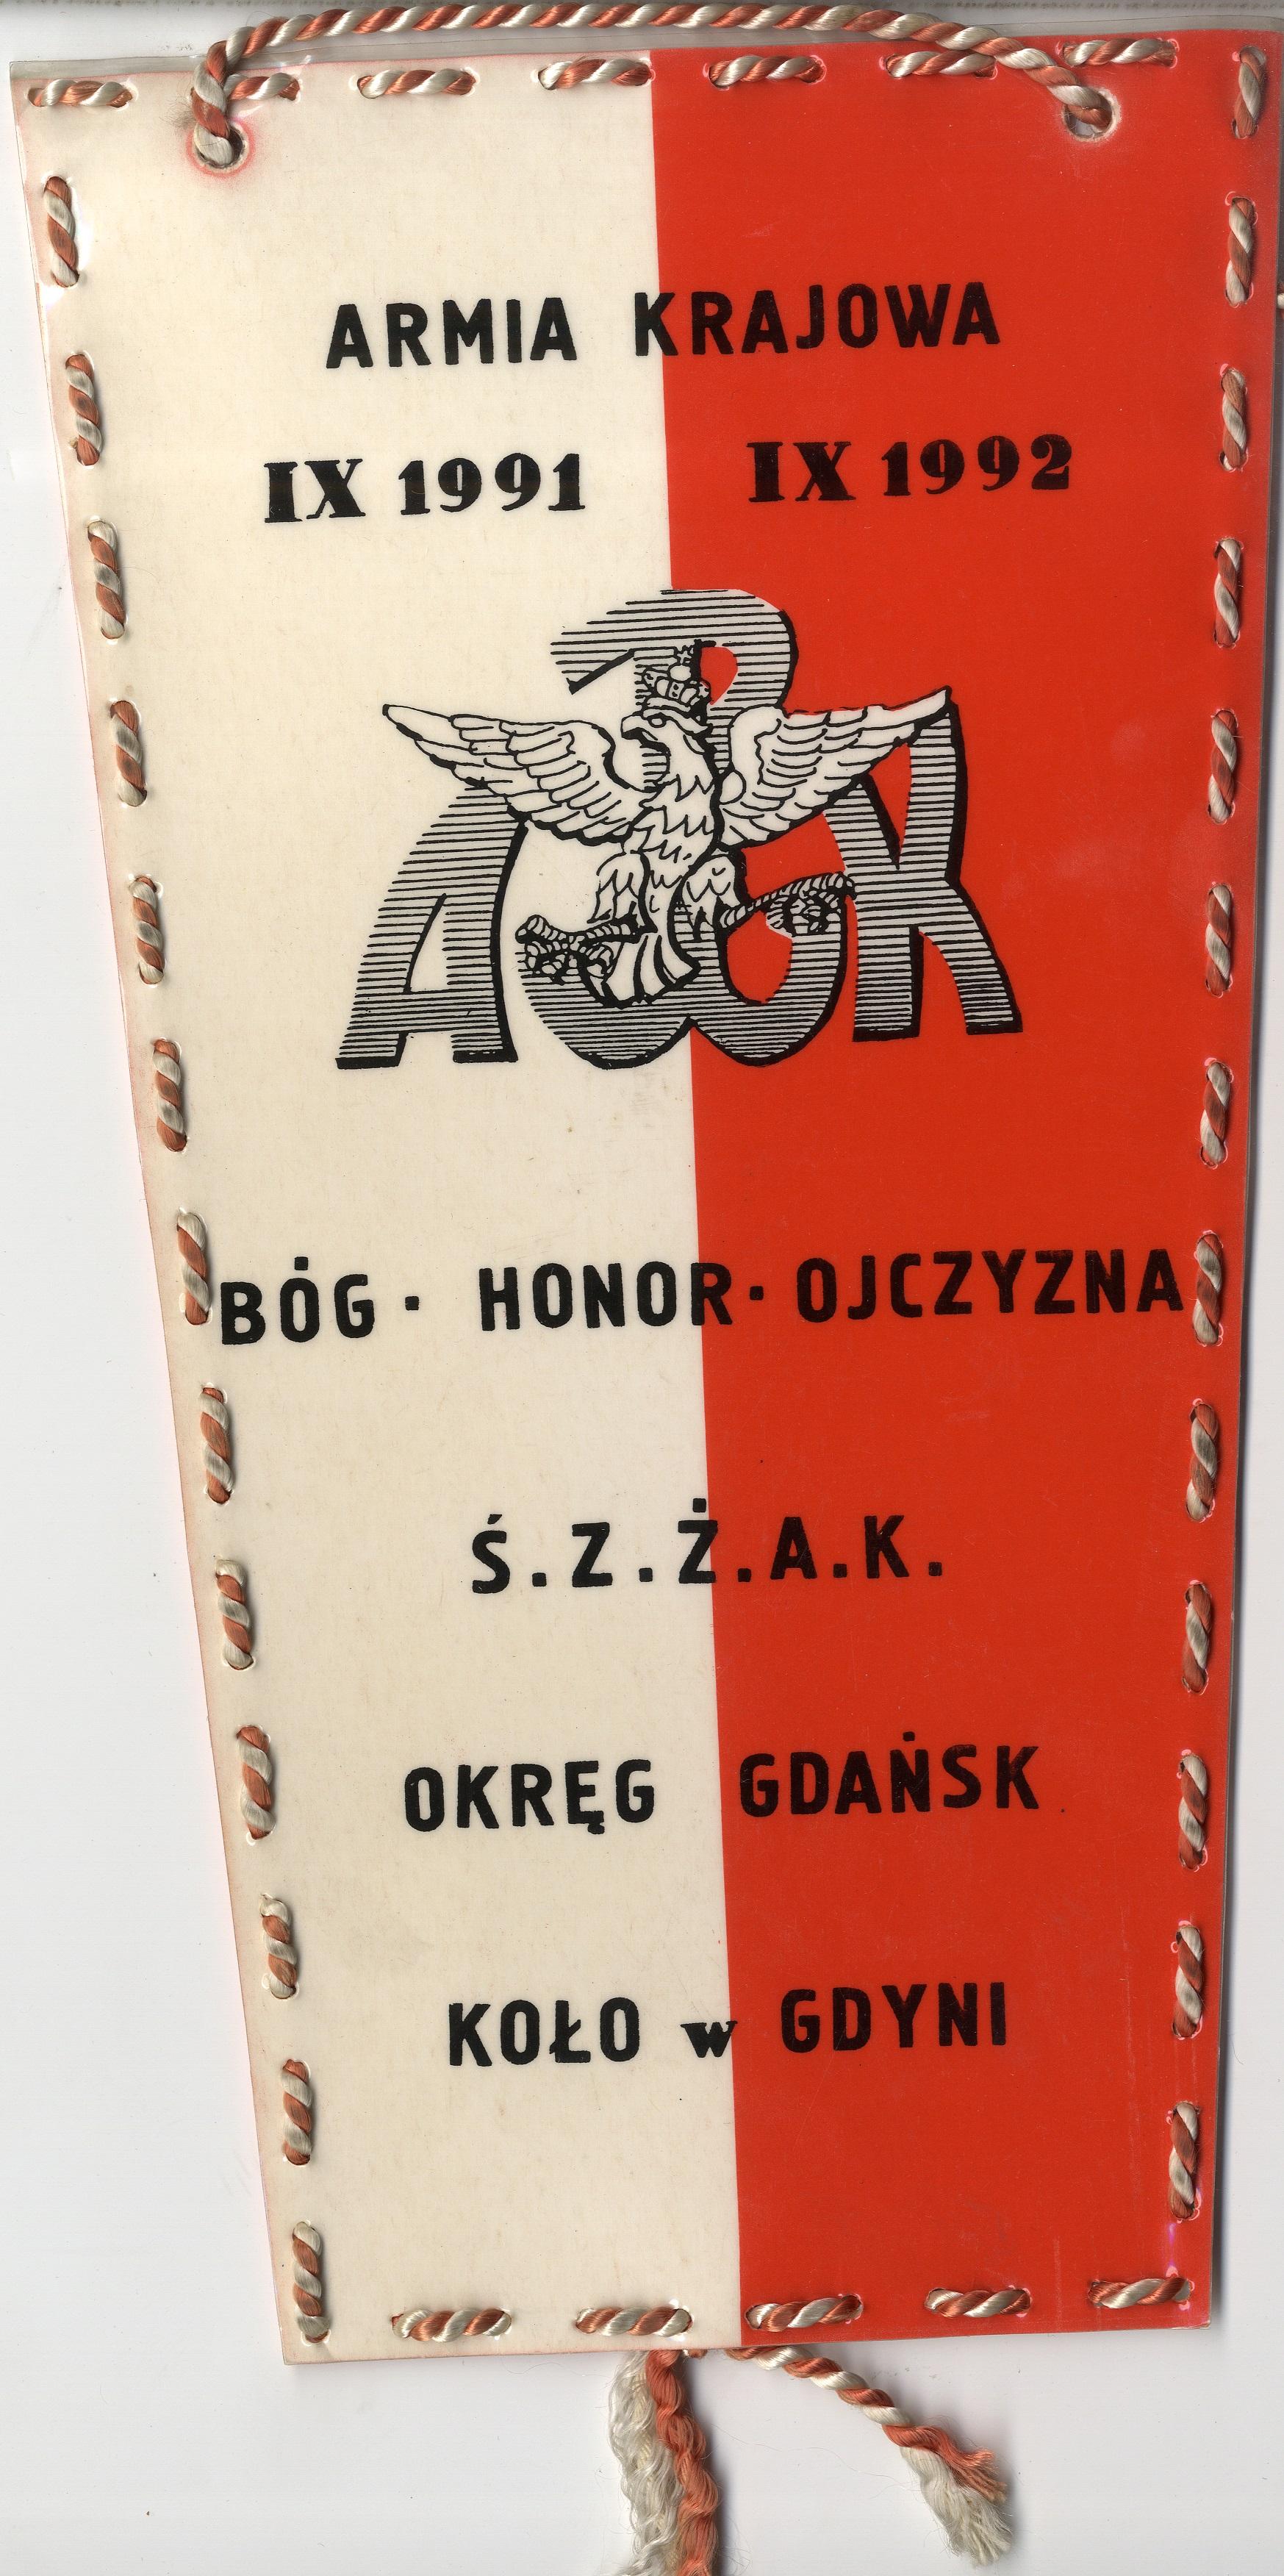 AKKS-347-166-659 - 004A